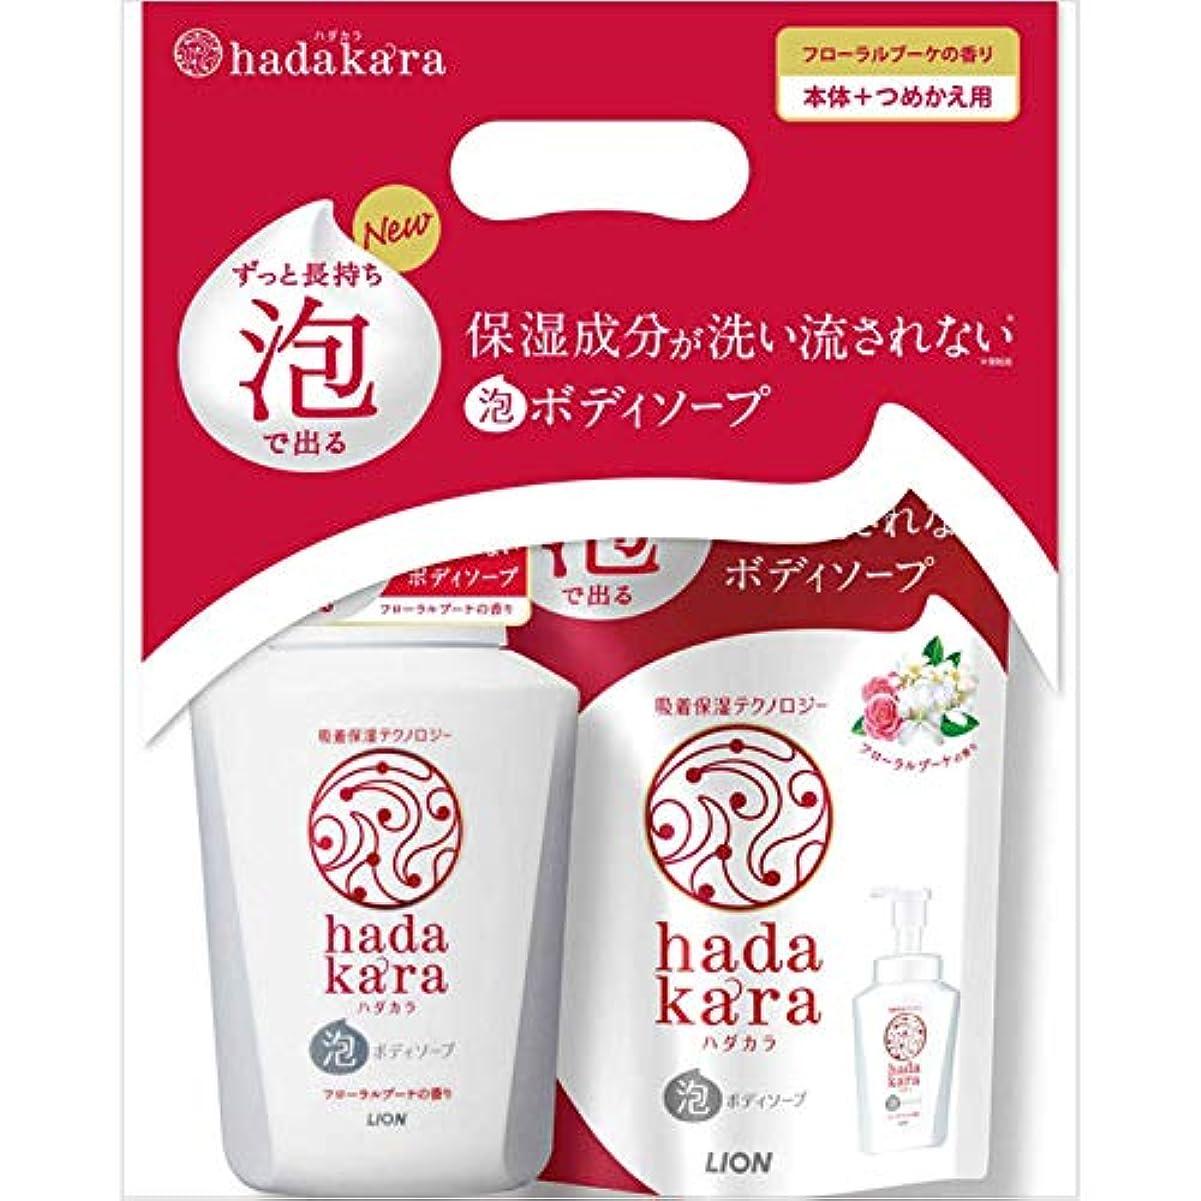 将来の融合ロータリーライオン hadakara泡タイプ 本体+詰替ペアパック フローラルブーケの香り セット